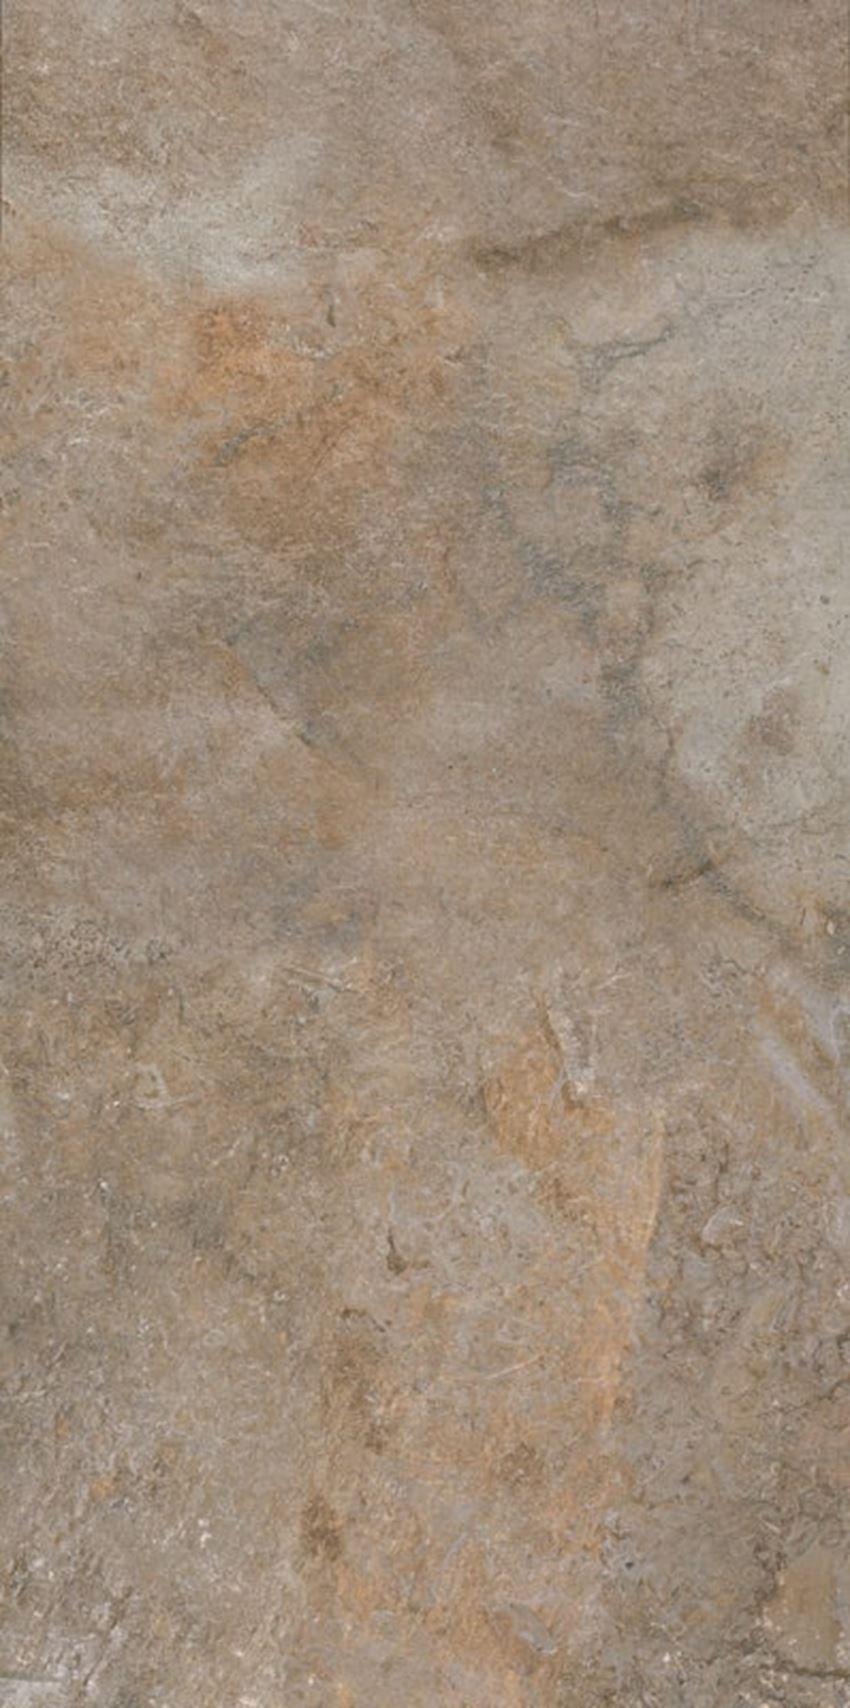 Płytka ścienno-podłogowa 59,5x119,5 cm Paradyż Burlington Rust Płyta Tarasowa 2.0